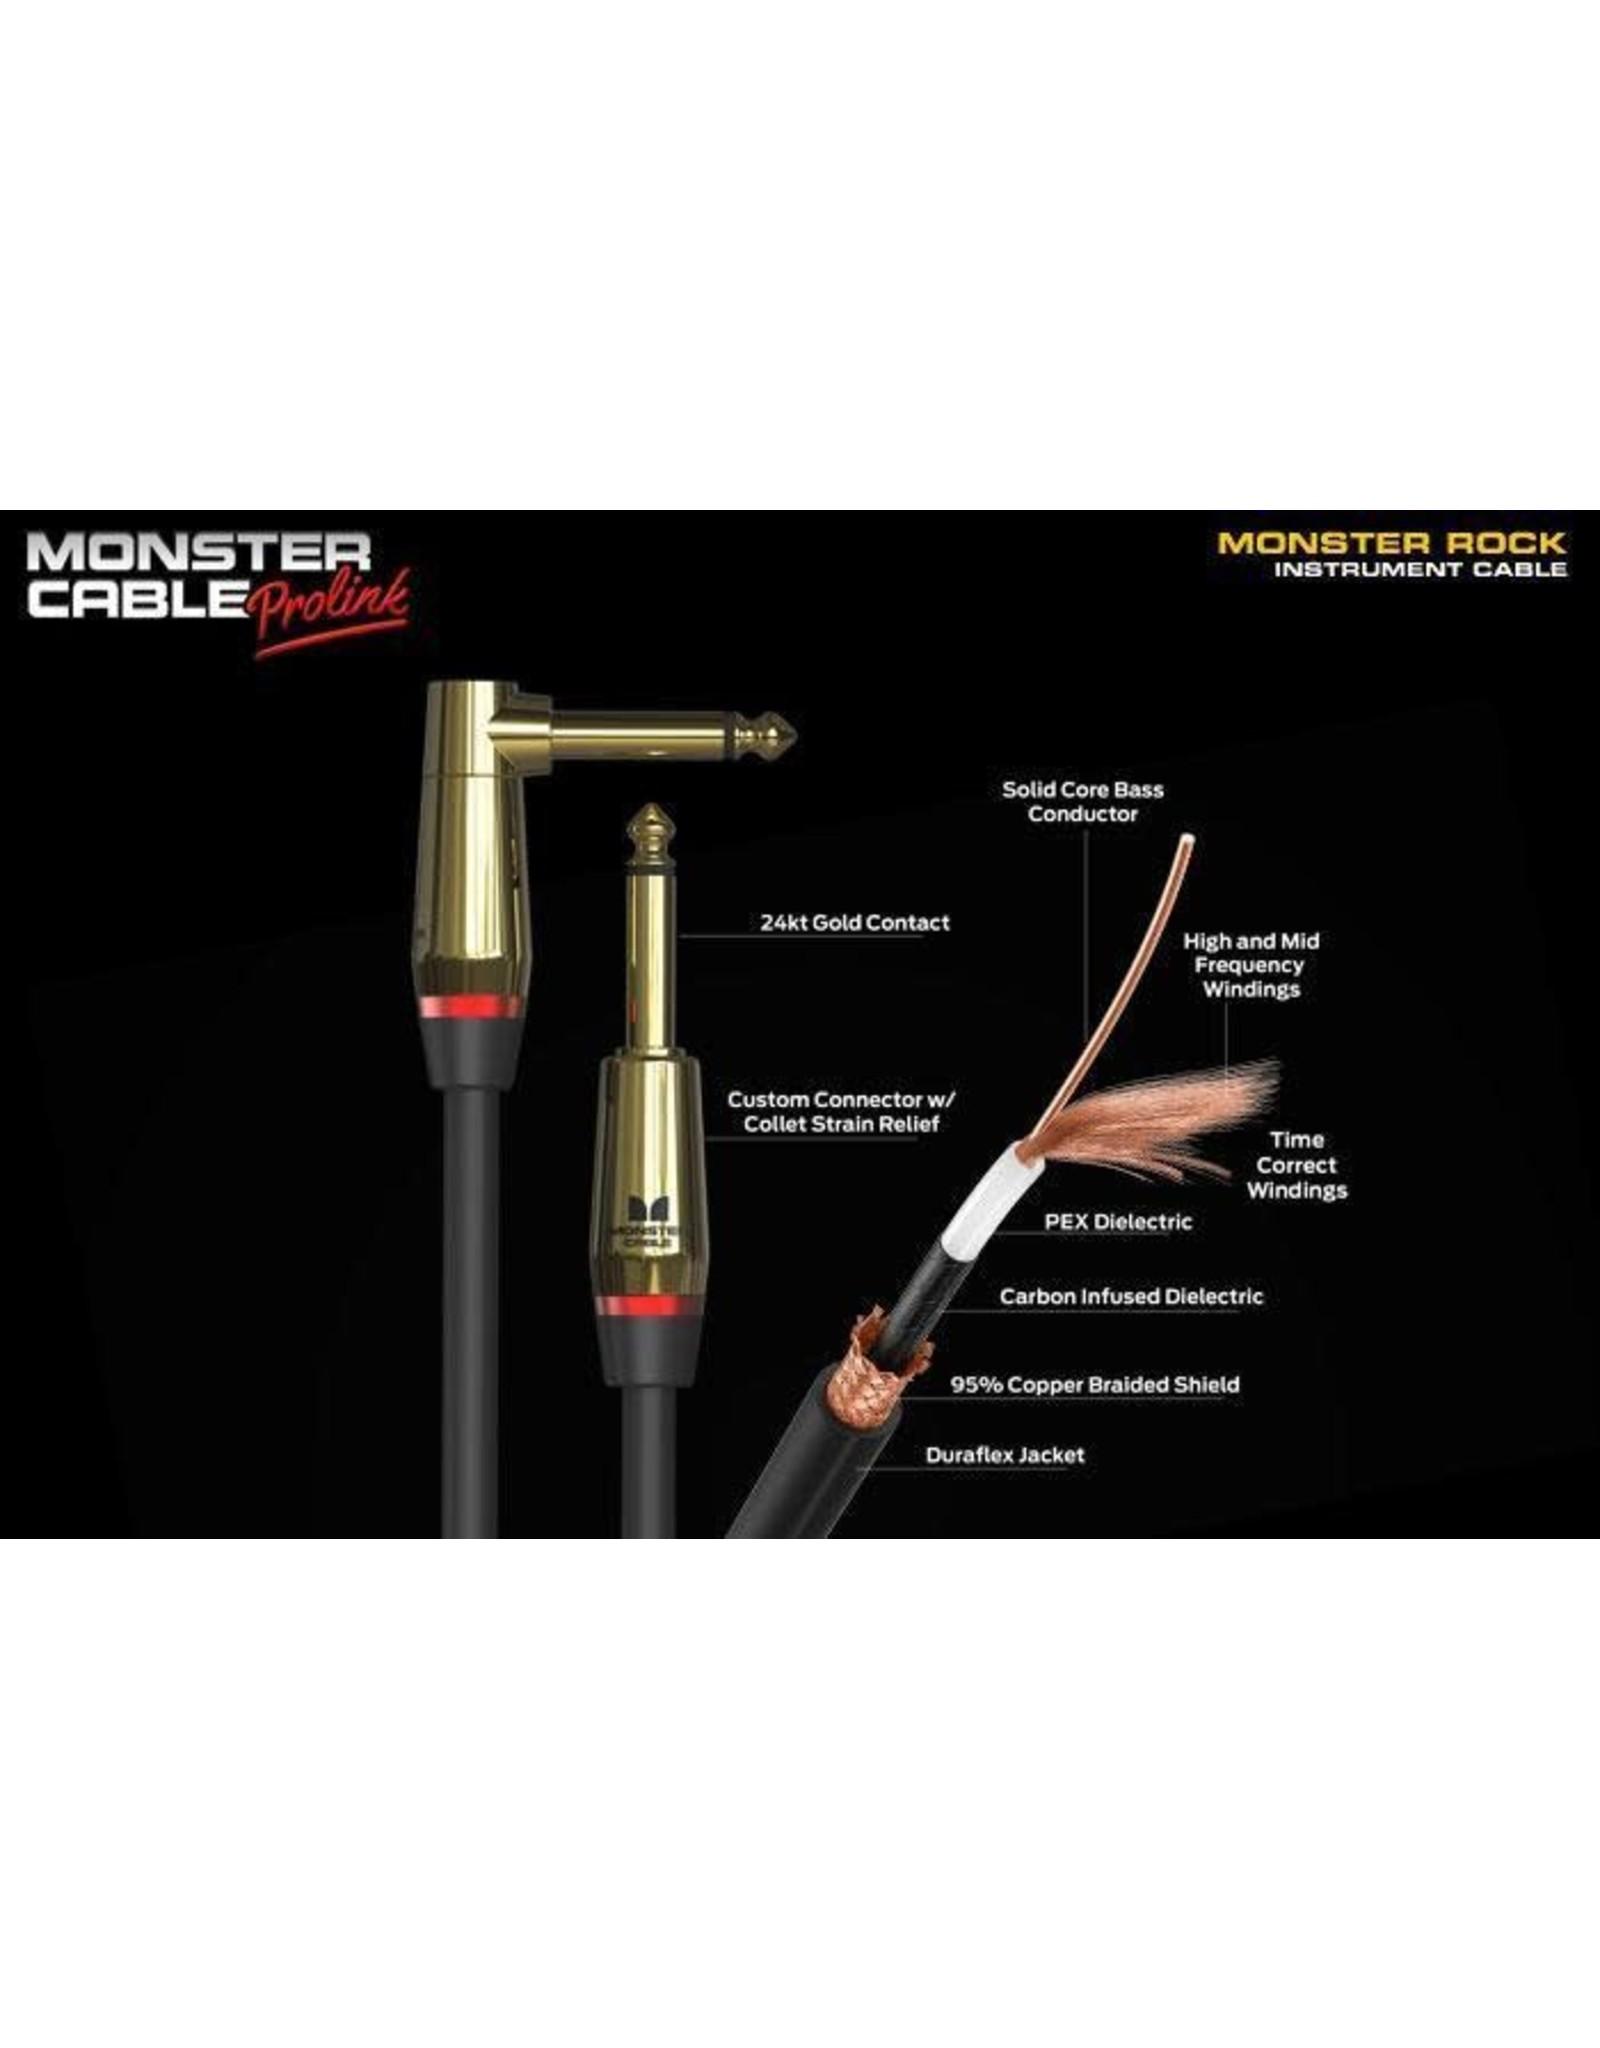 Moster Monster PROLINK® MONSTER ROCK® PRO Instrument Cable 21 ft